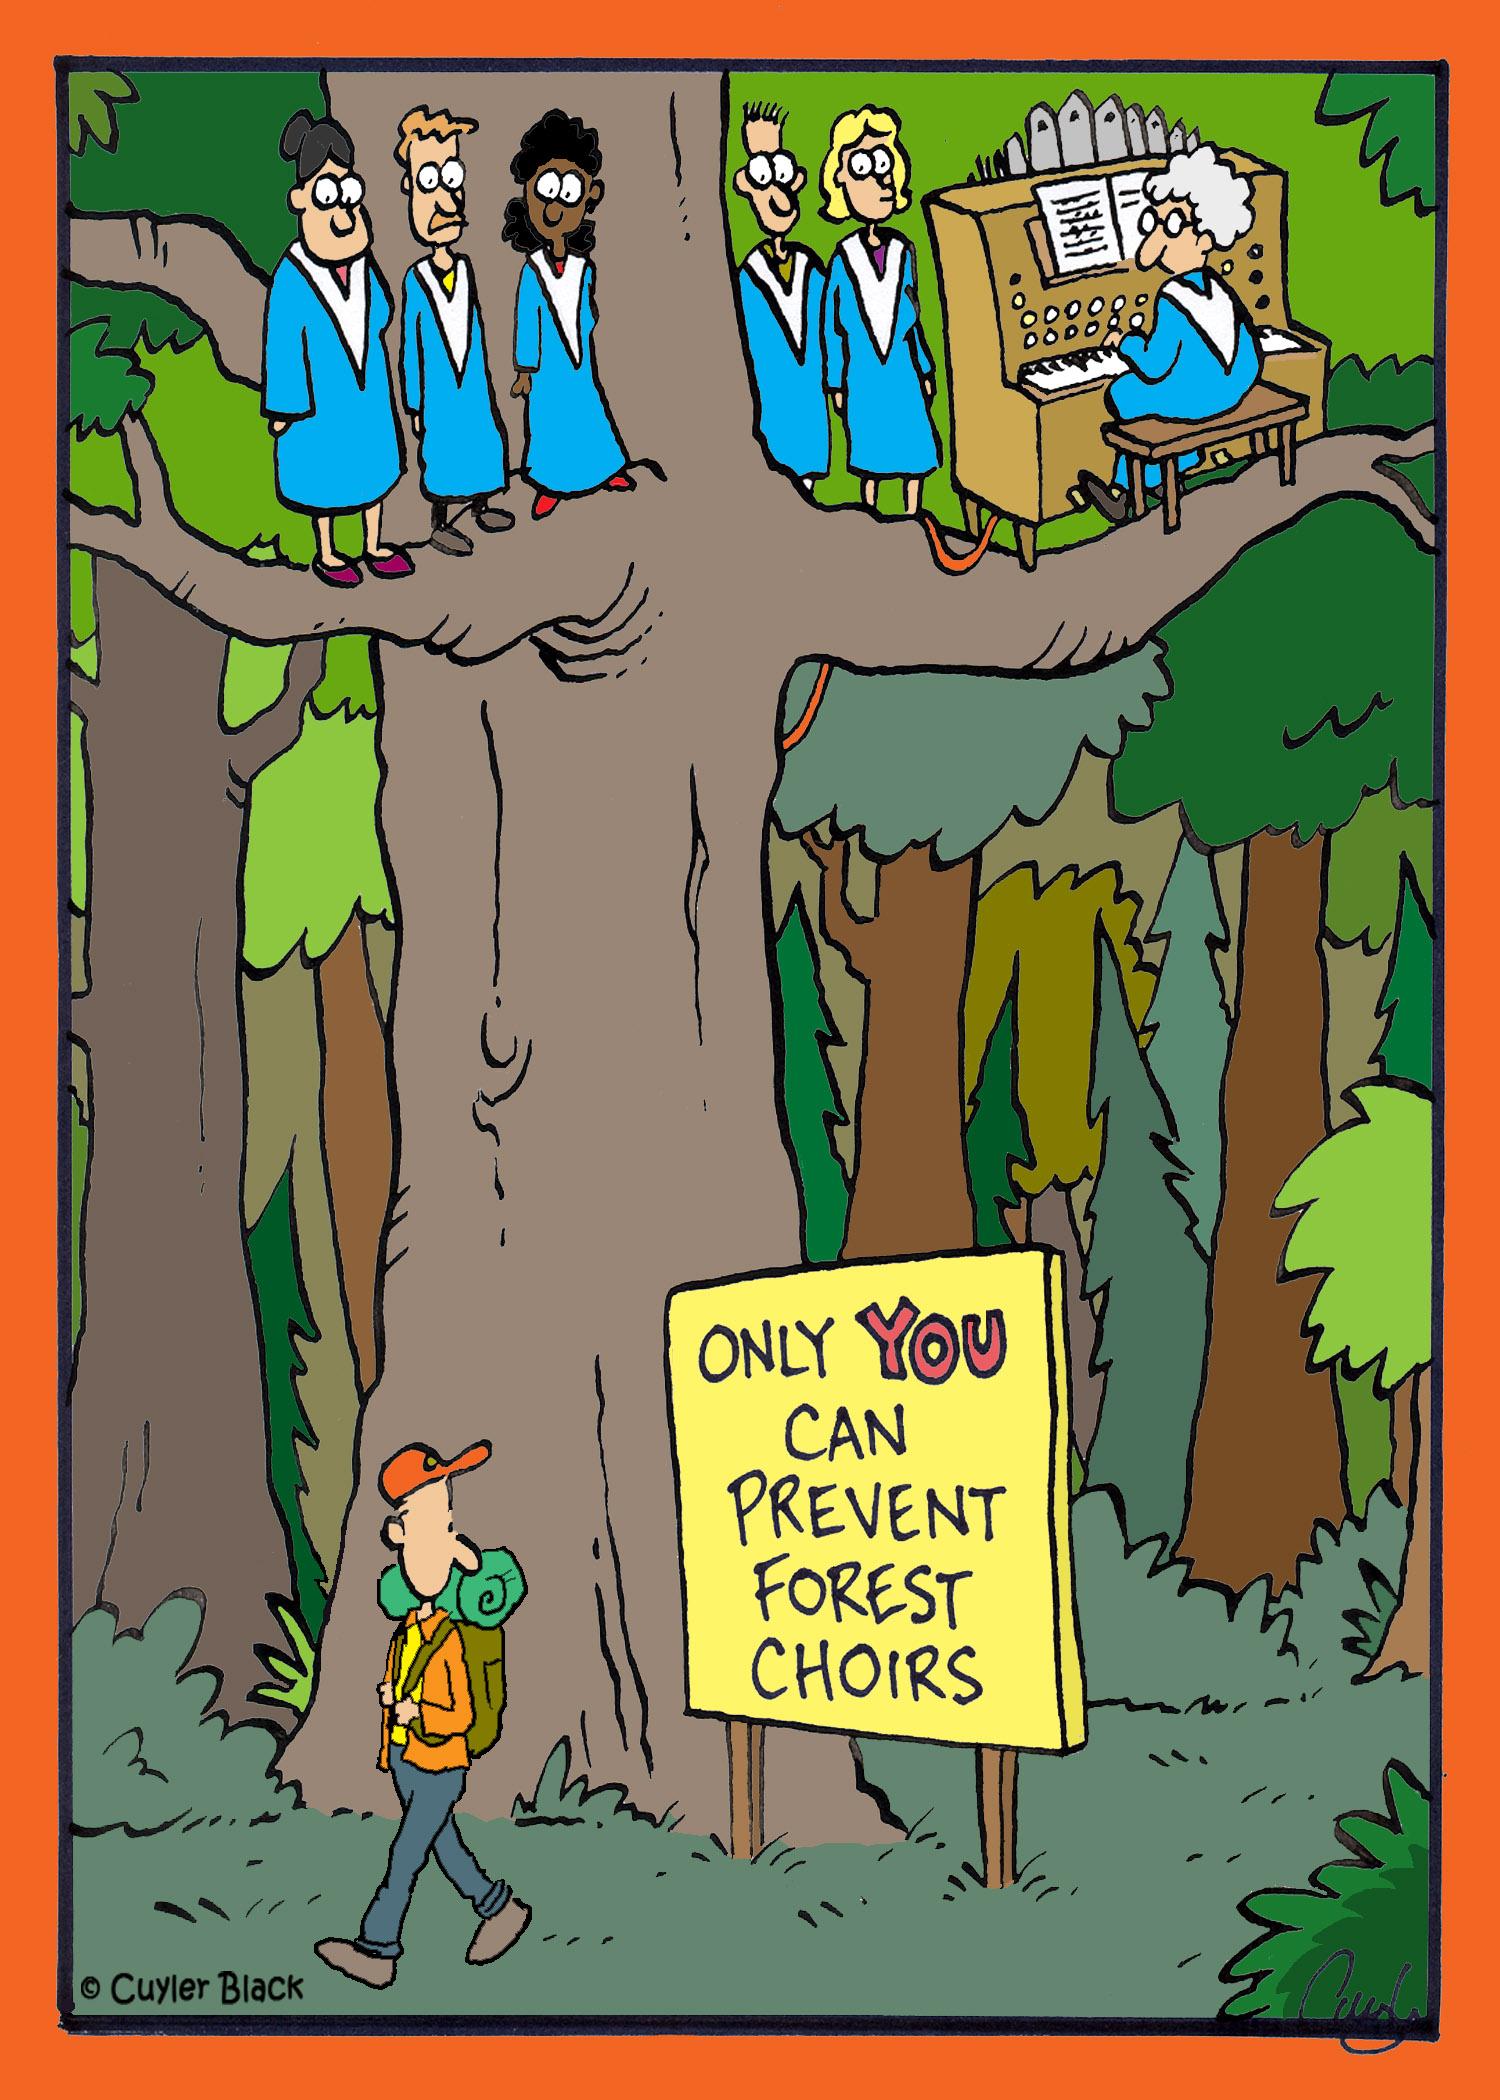 forest choirs.jpg